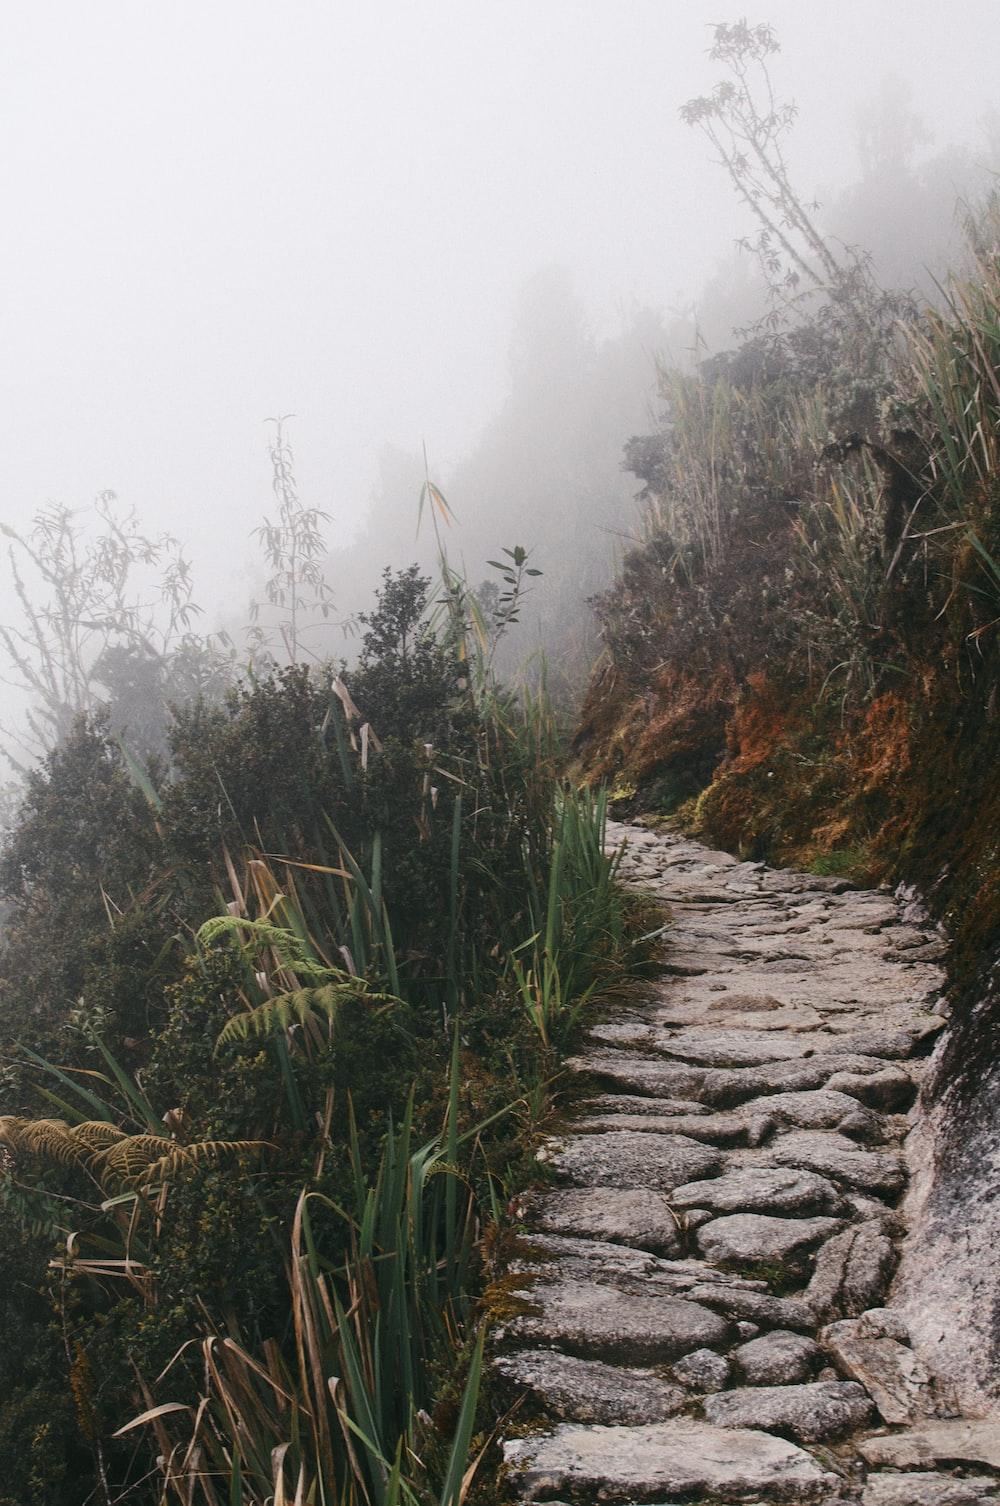 gray rock pathway between green plants